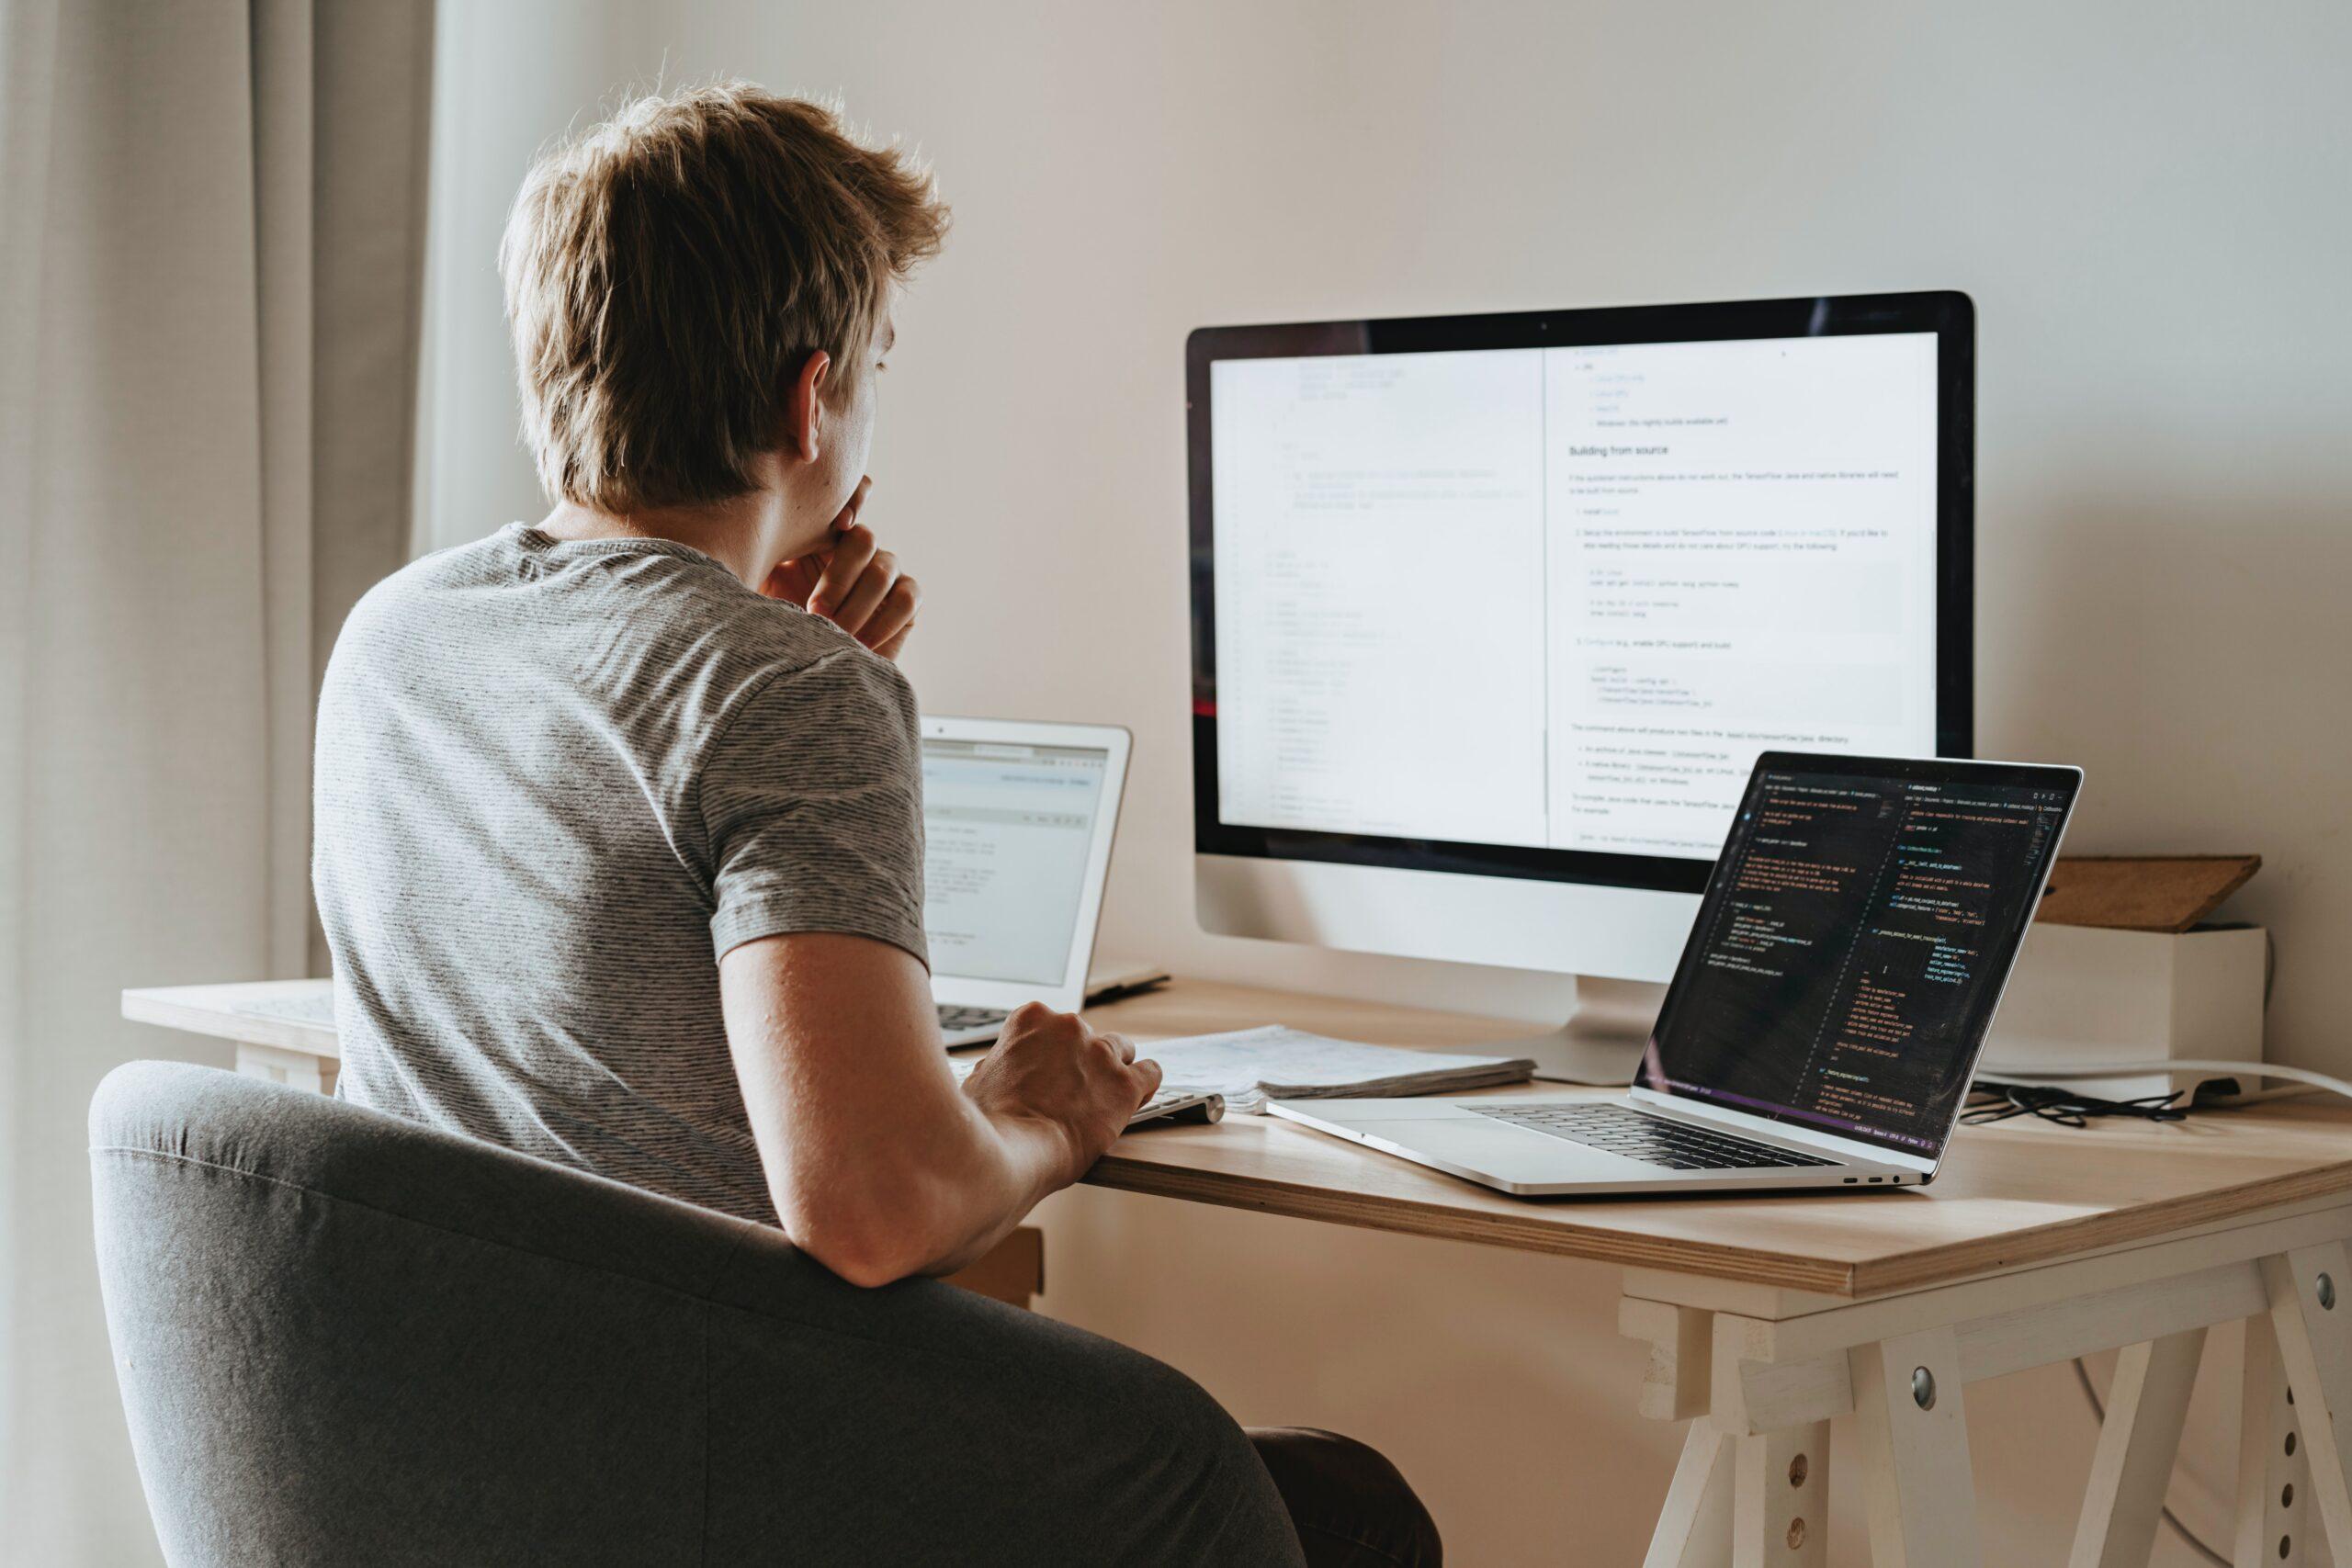 インフラエンジニアとプログラマーの違い 【どっちに転職するか判断】